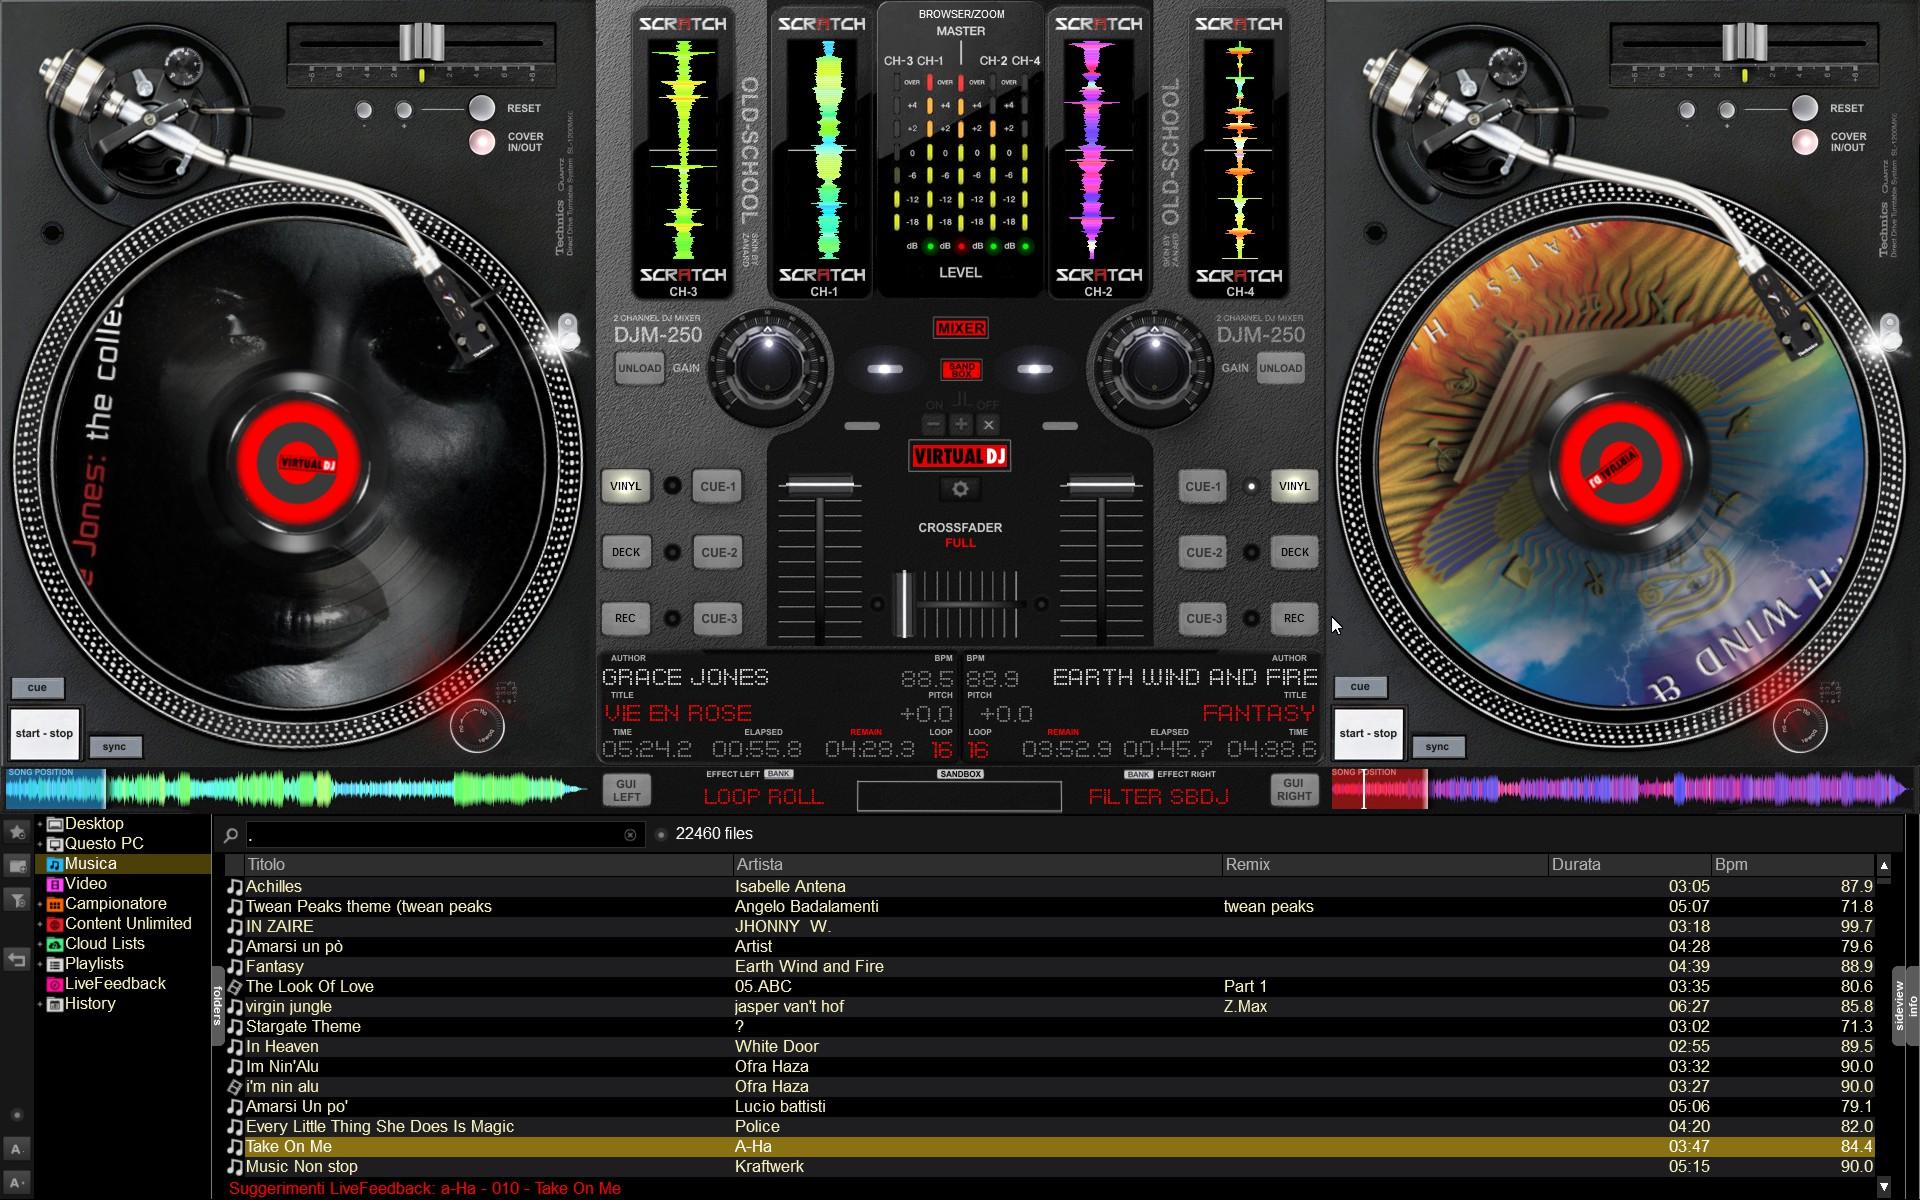 TELECHARGER ATOMIX VIRTUAL DJ PRO 6 0 1 GRATUIT